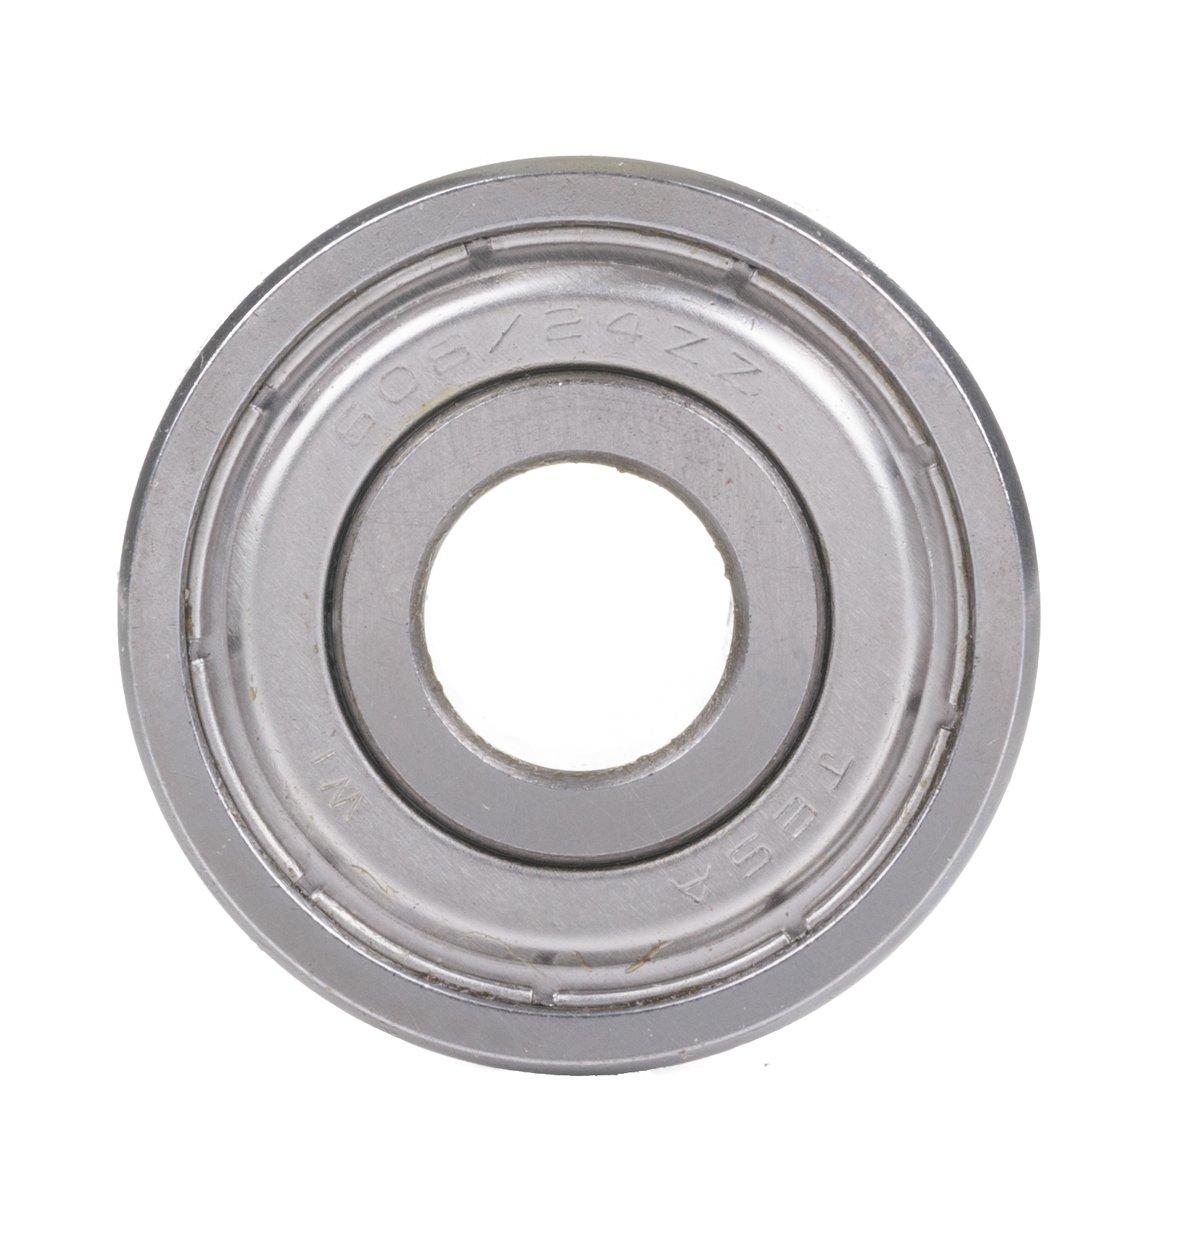 Bosch Parts 2600905060 Ball Bearing